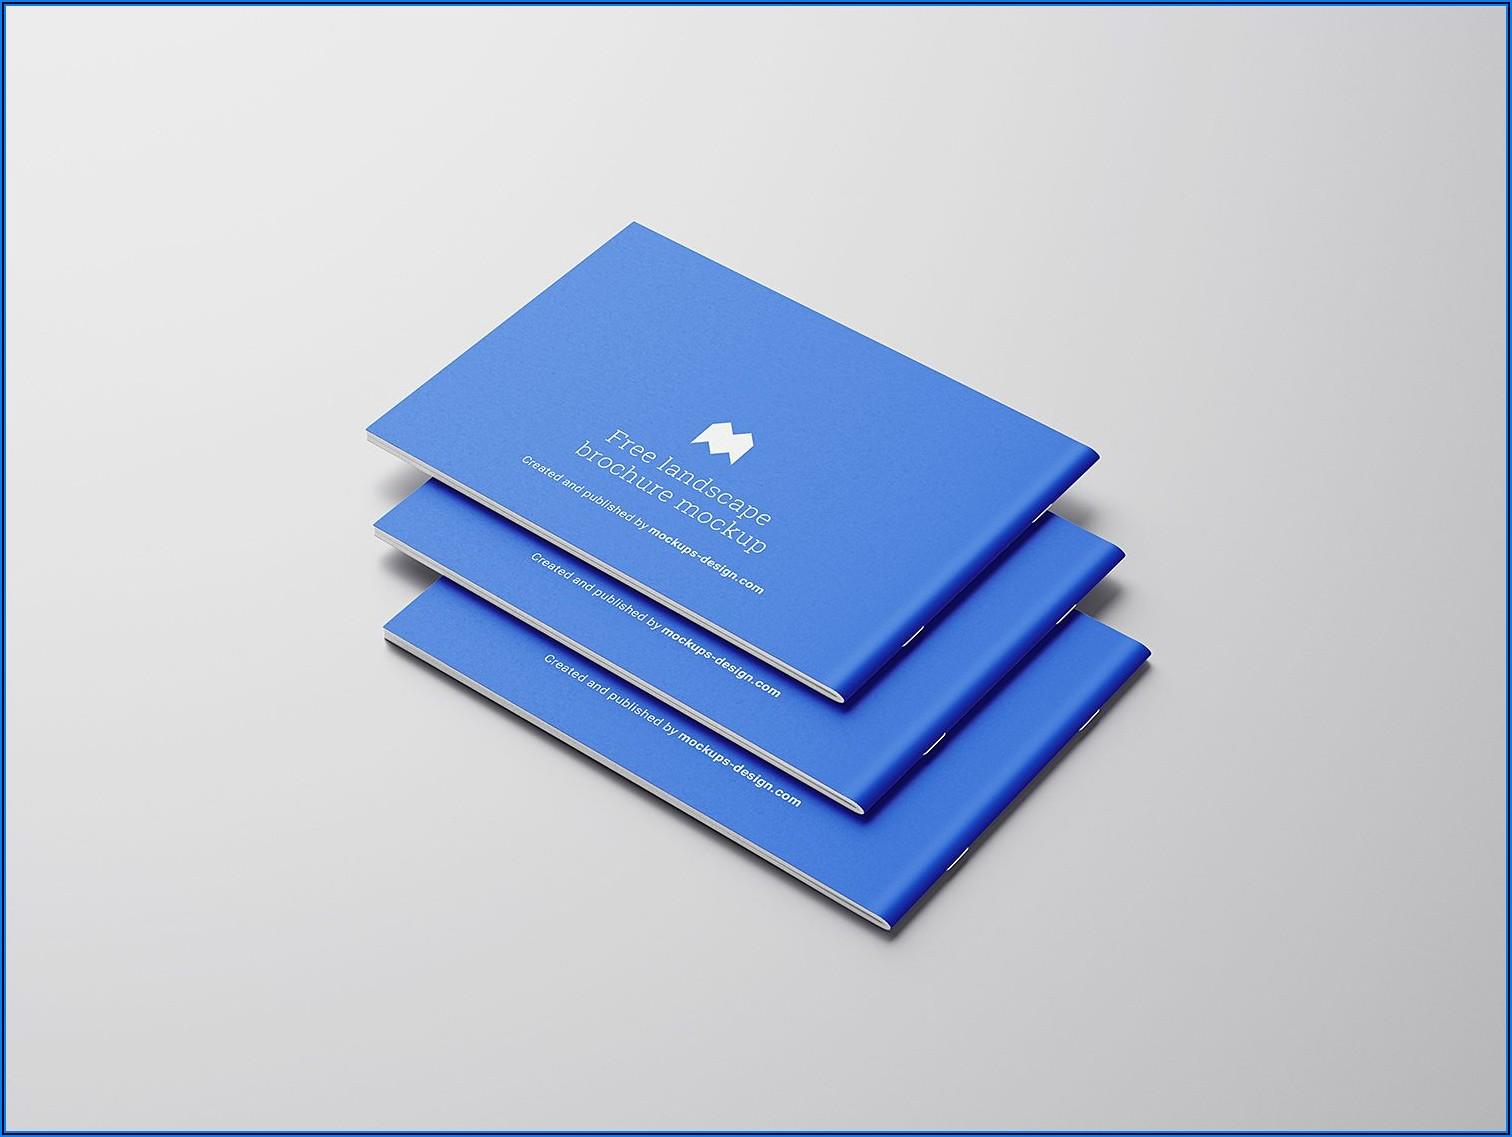 A4 Landscape Booklet Mockup Free